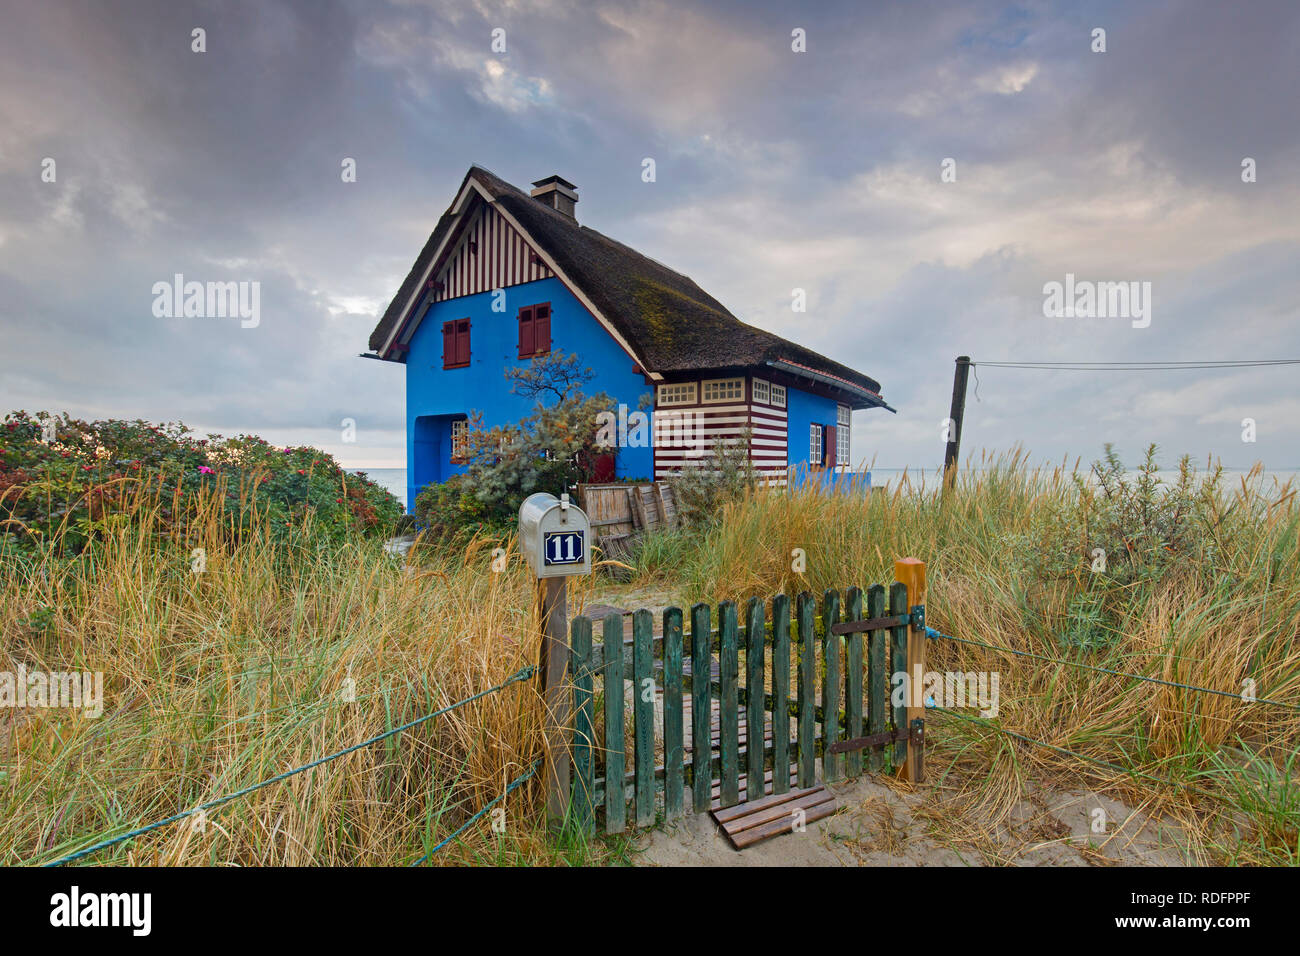 Casa de playa azul en la península Graswarder, Heiligenhafen, Schleswig-Holstein, Alemania Foto de stock